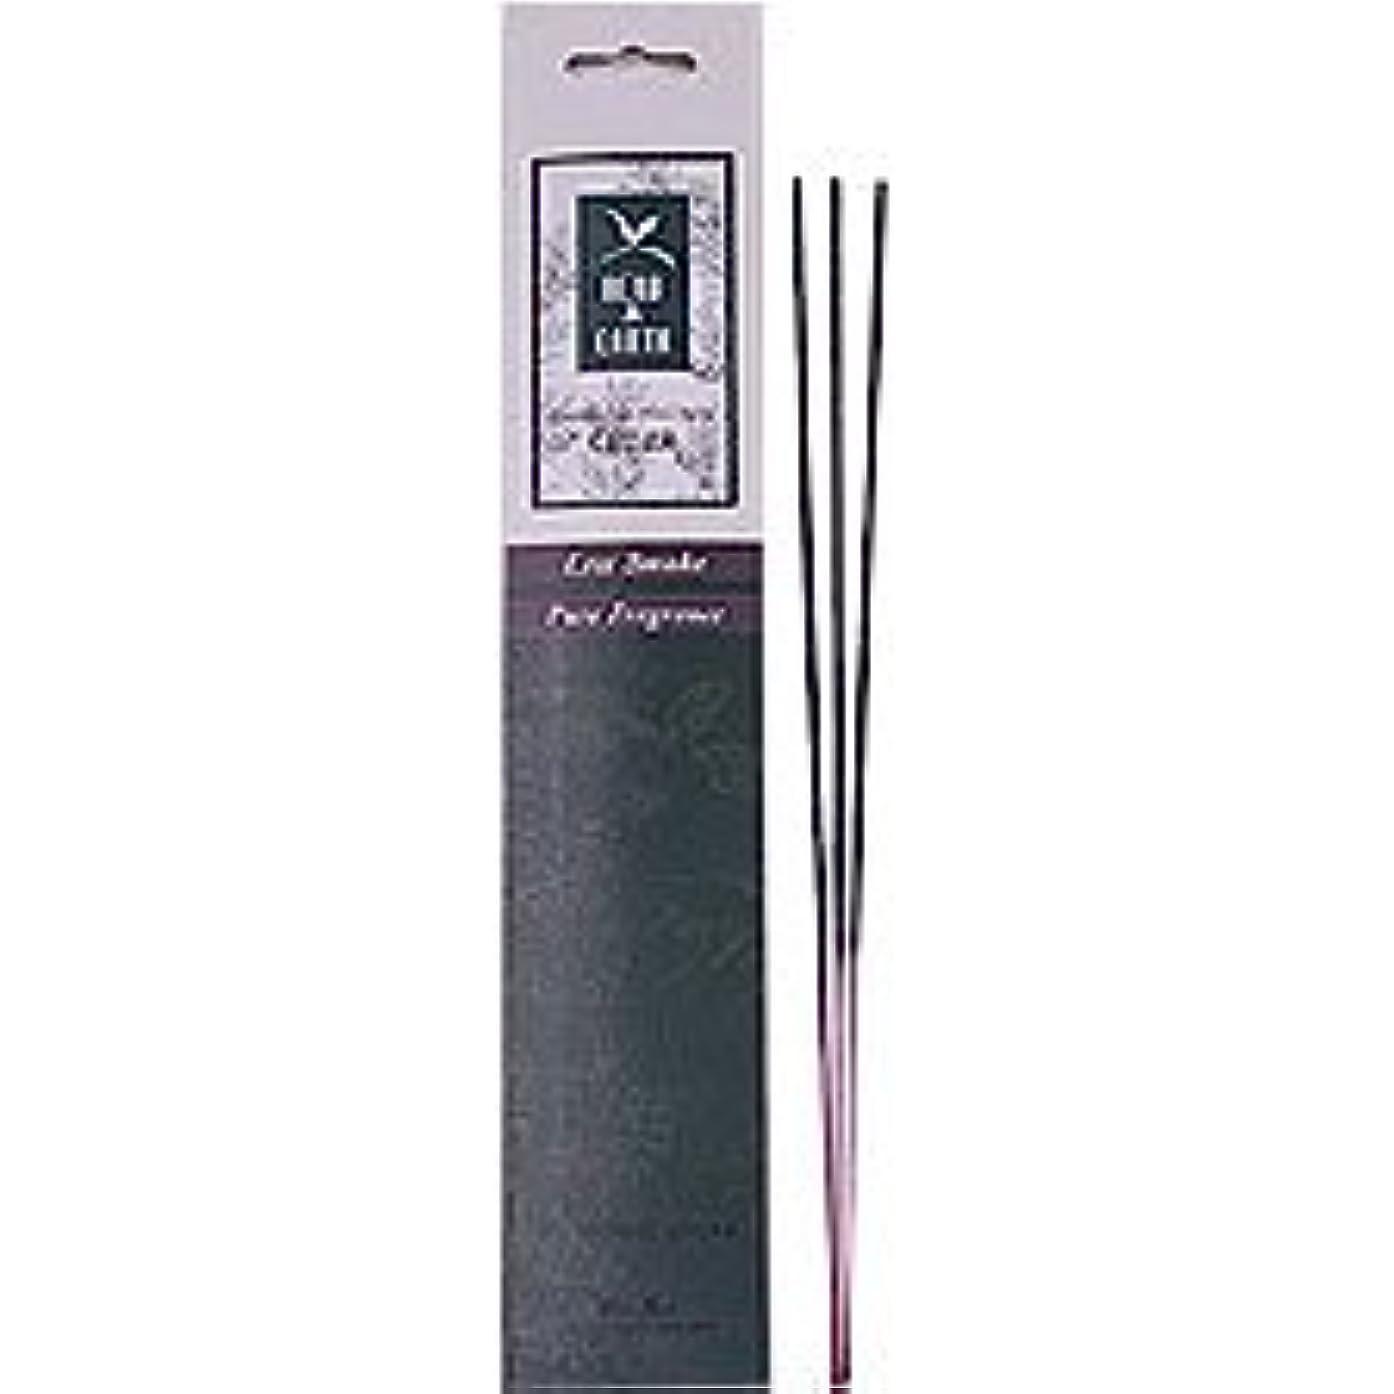 に関して不快な篭Herb & Earth Incense – Cedar